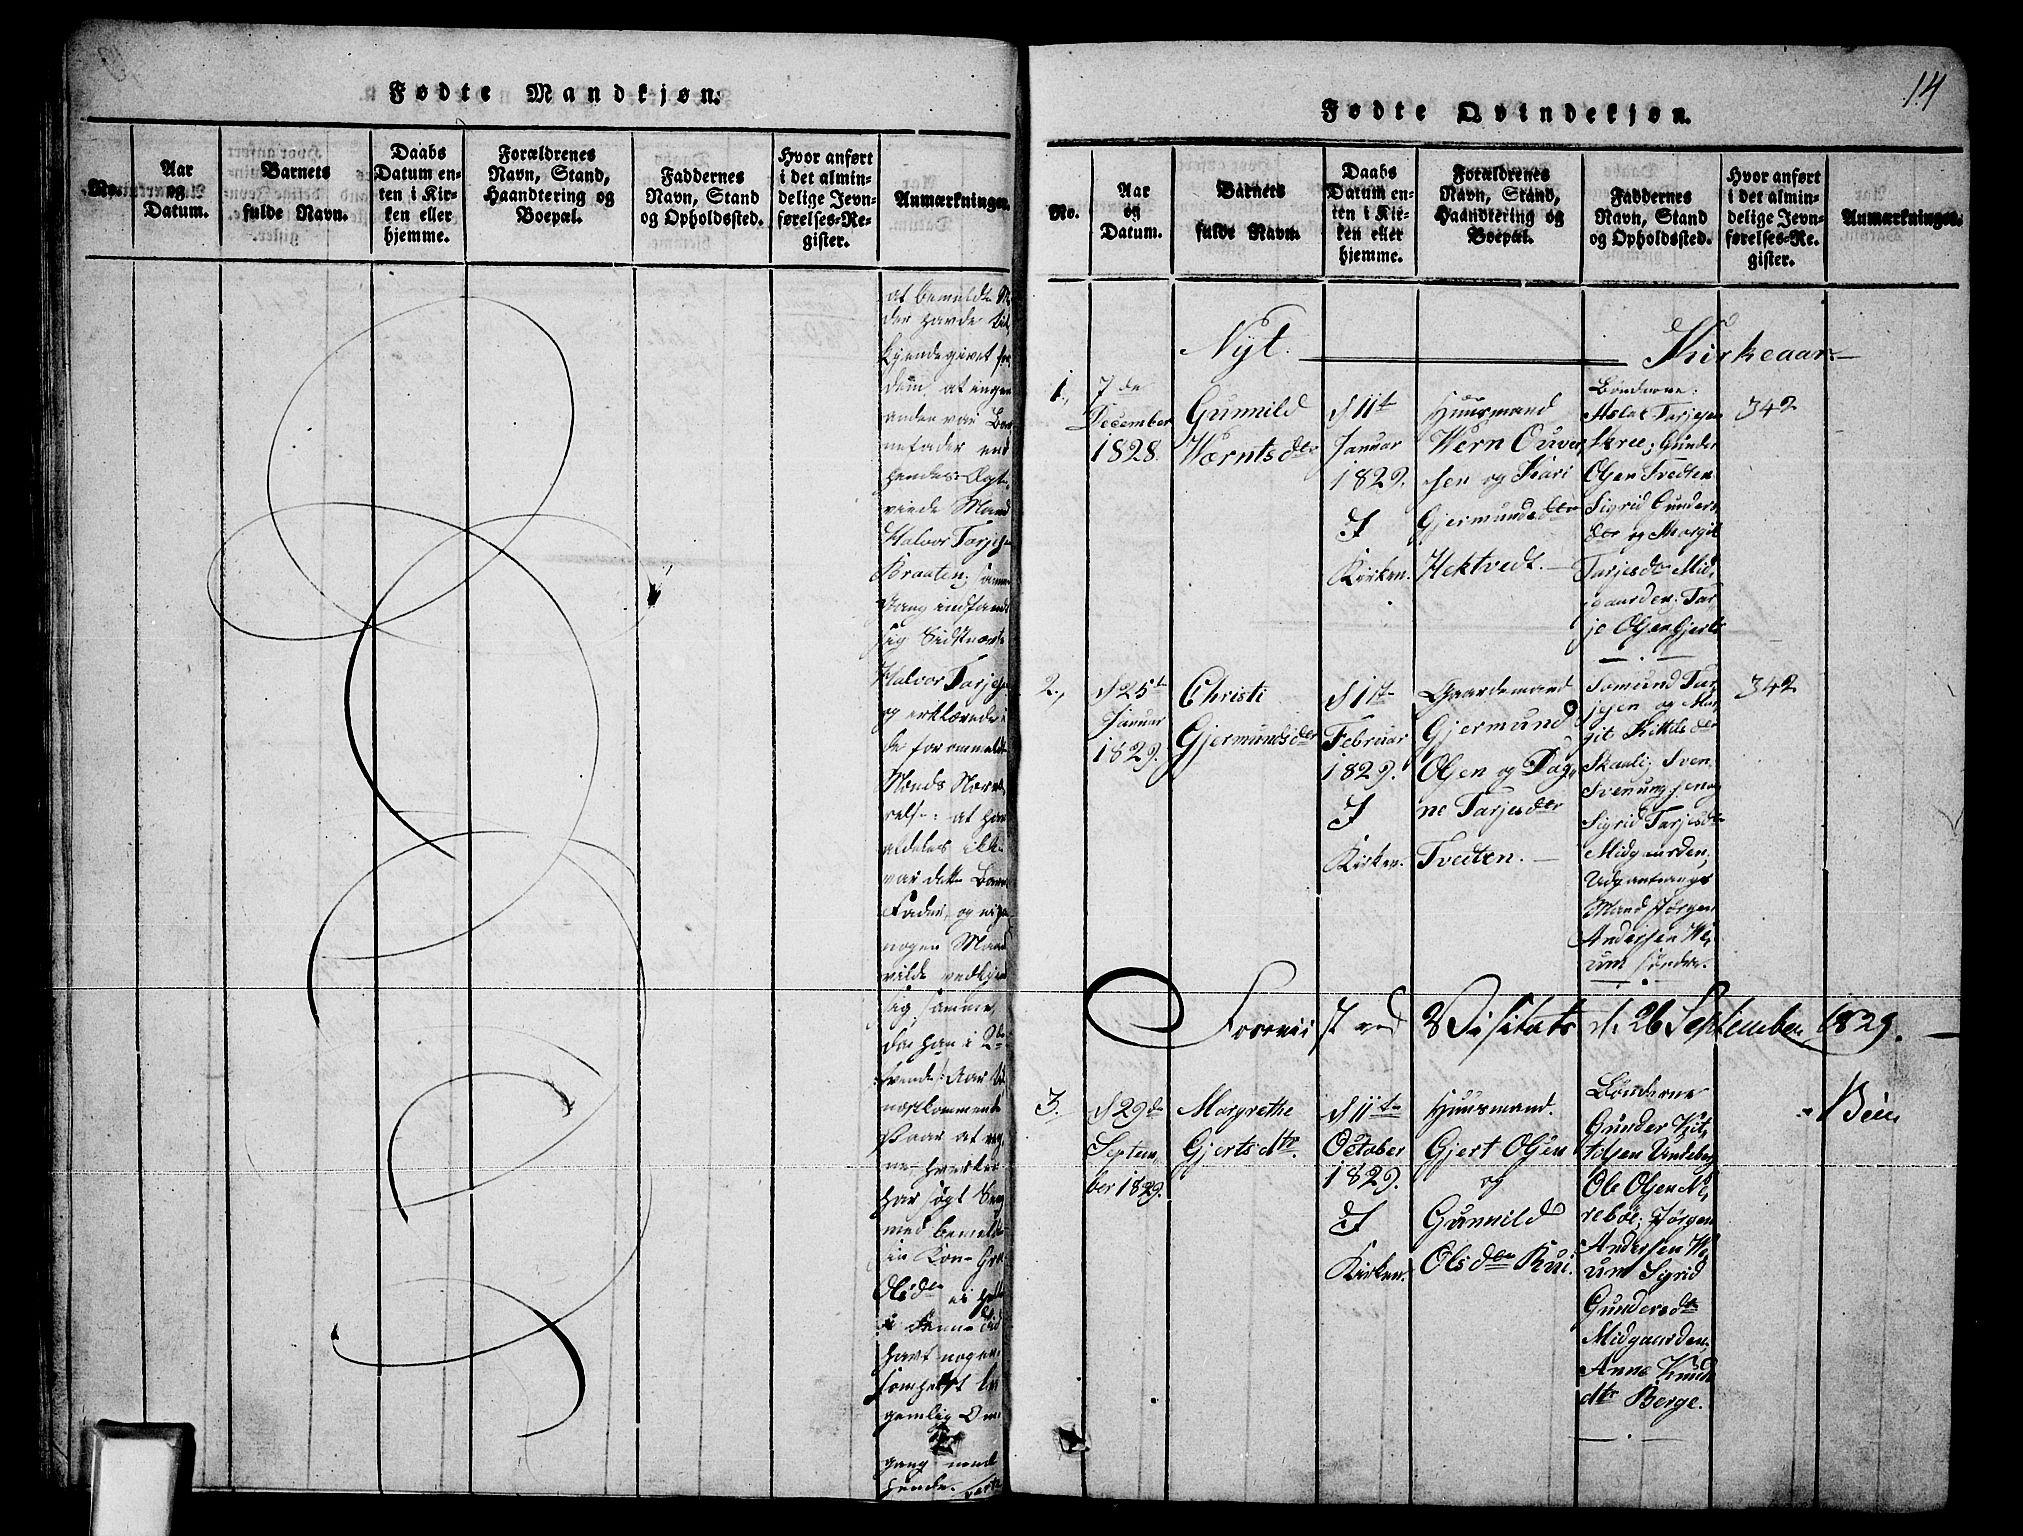 SAKO, Fyresdal kirkebøker, G/Ga/L0003: Klokkerbok nr. I 3, 1815-1863, s. 14